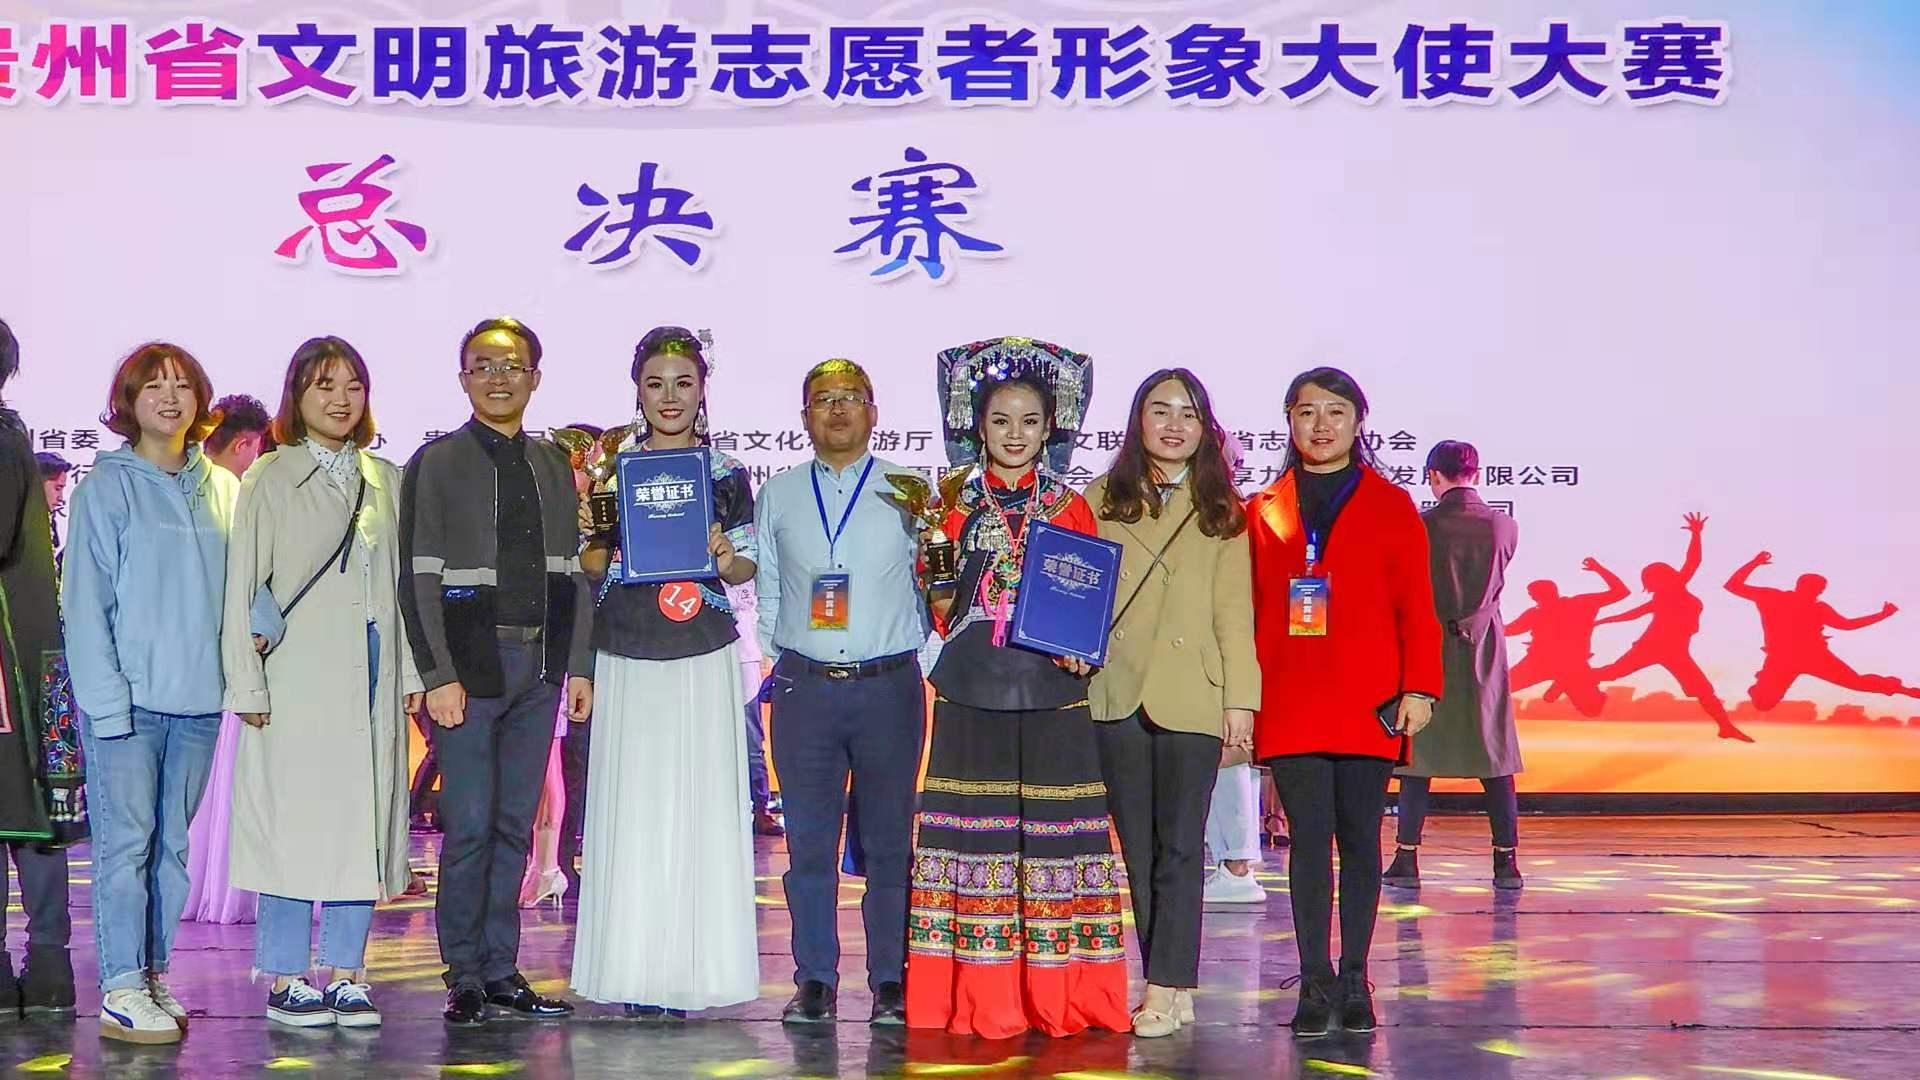 鎮寧兩名選手榮獲第四屆貴州省文明旅游志愿者形象大使大賽總決賽優秀獎